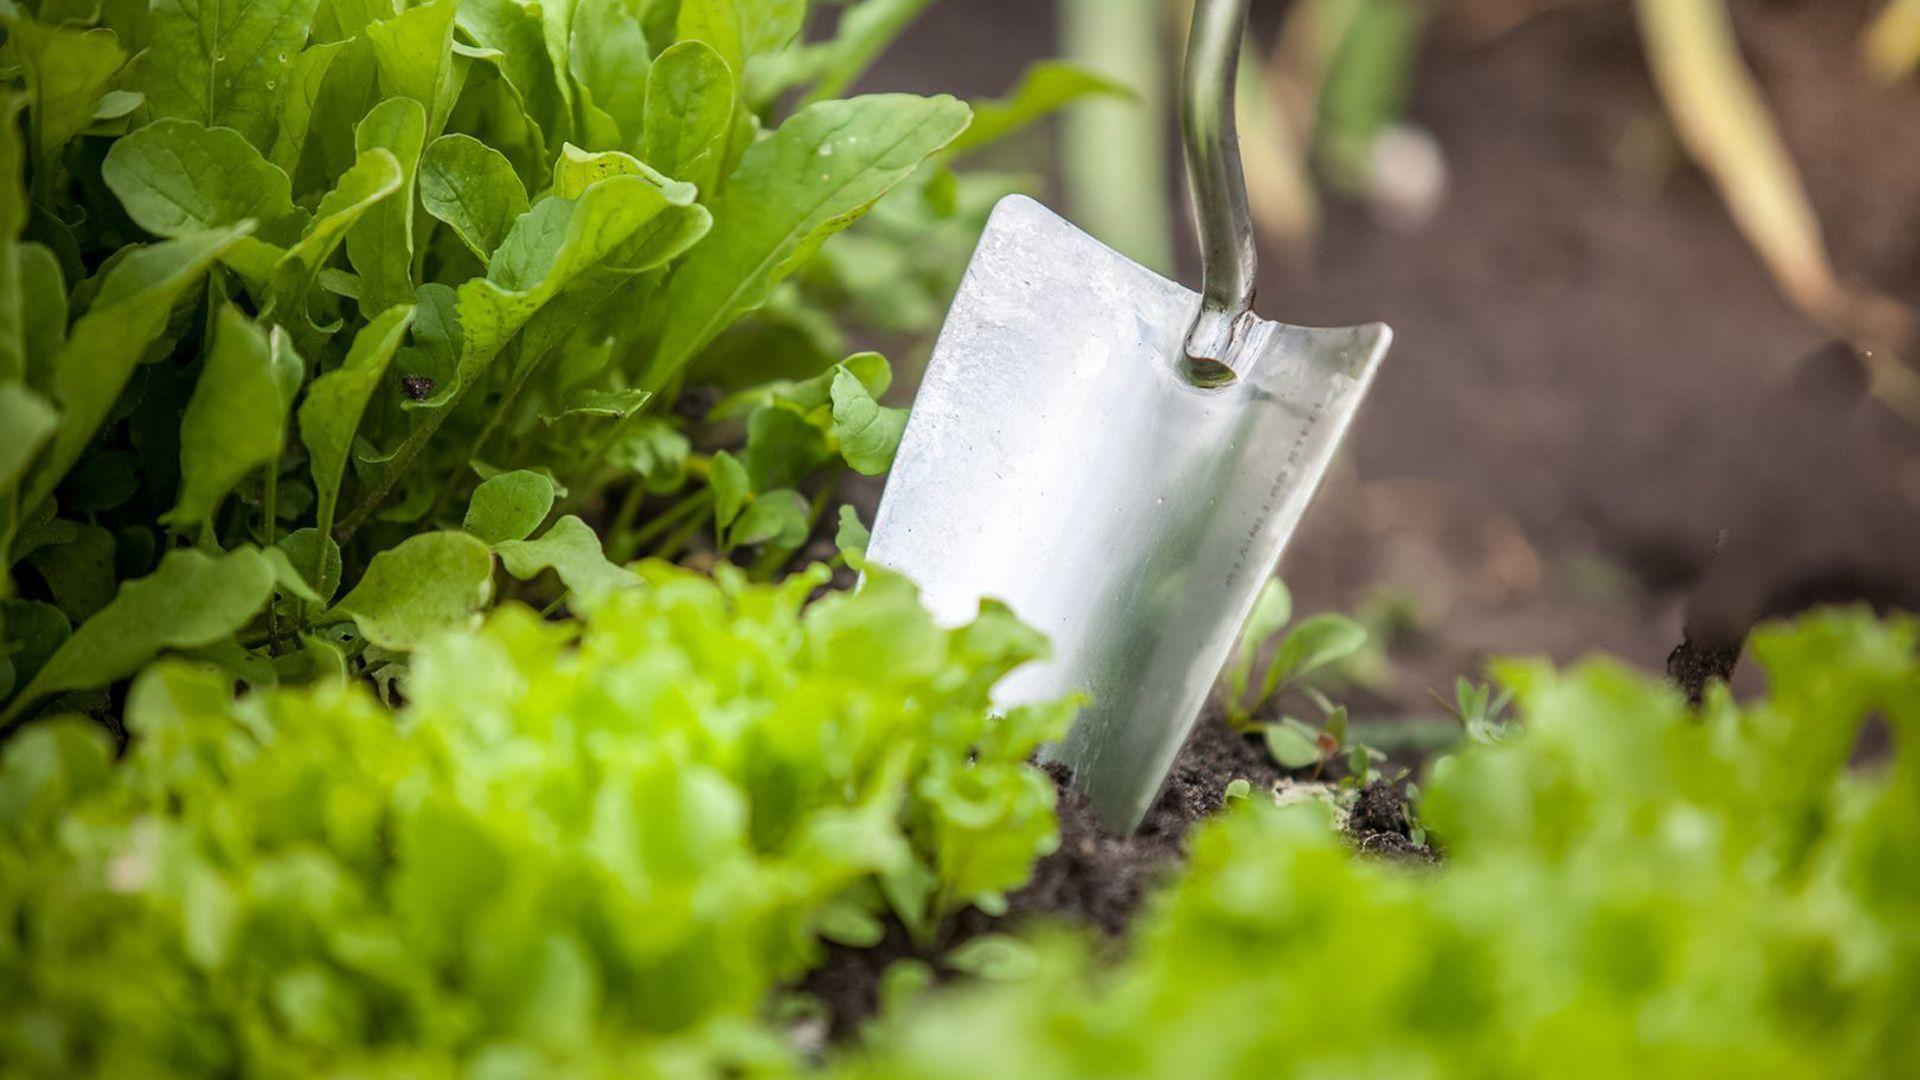 Schaufel sticht in Gemüsebeet Anpflanzen im September von Lidl Österreich